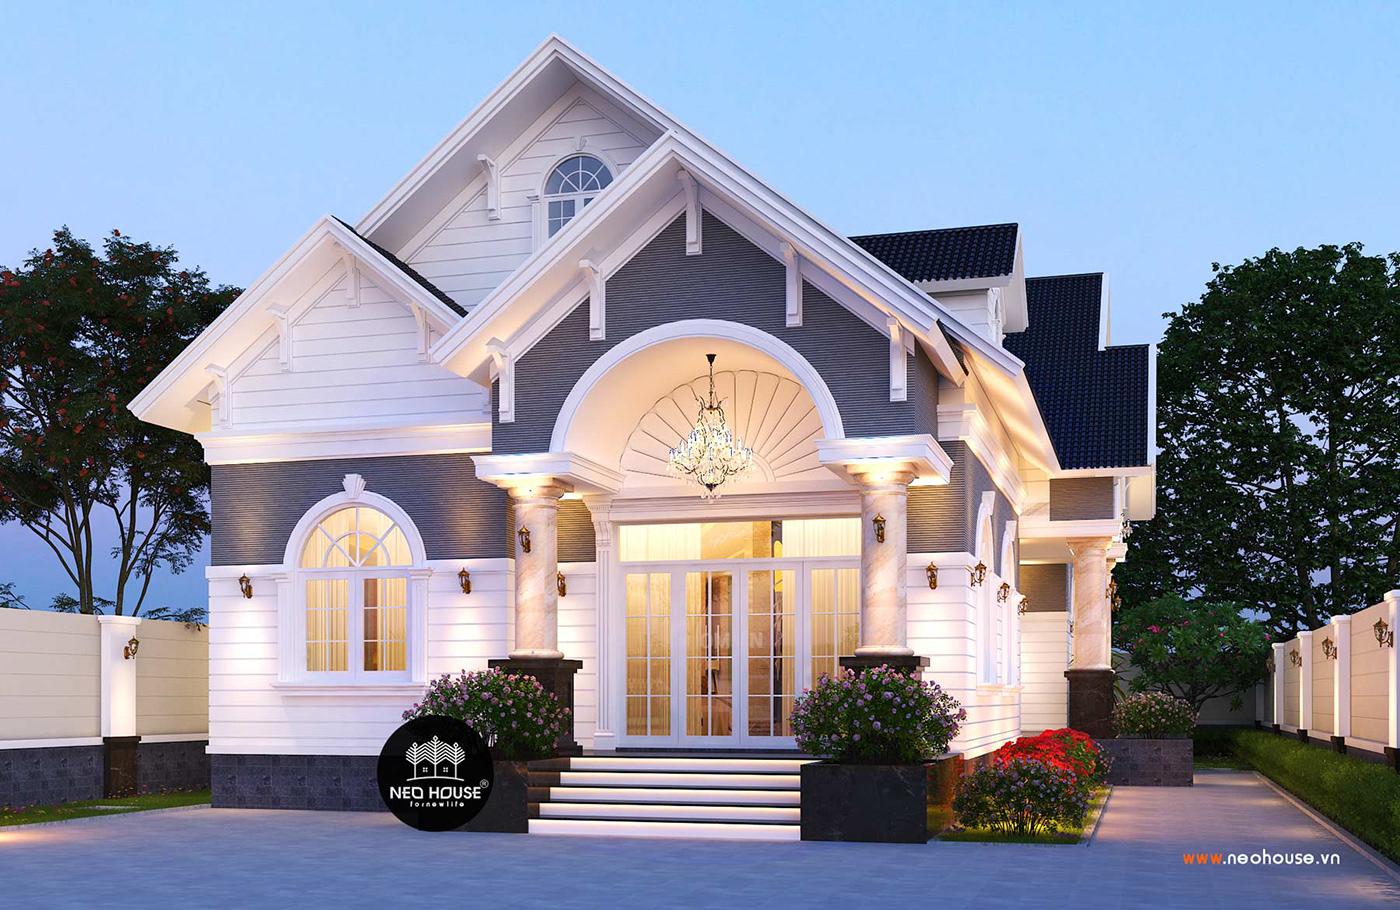 Mẫu thiết kế biệt thự vườn đẹp 1 tầng hiện đại 180m2 7e82eb83046205.5d301ed5888ba